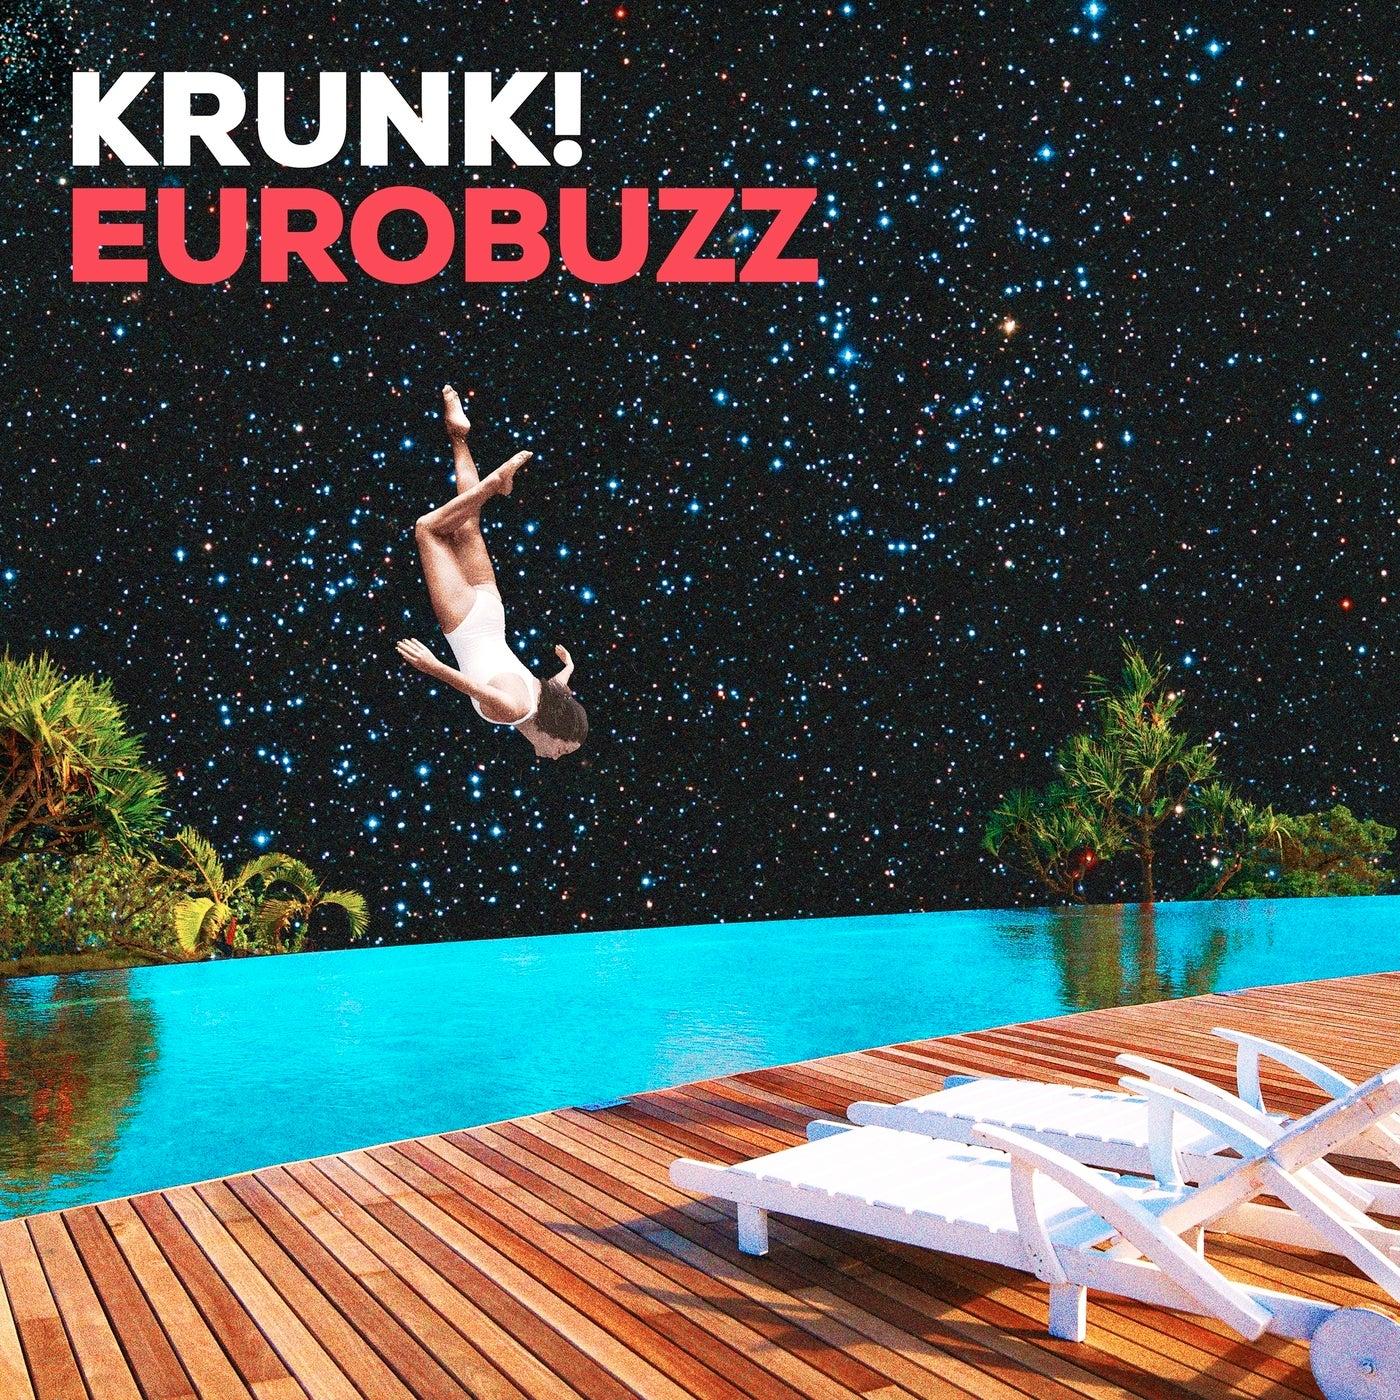 EUROBUZZ (Extended Mix)